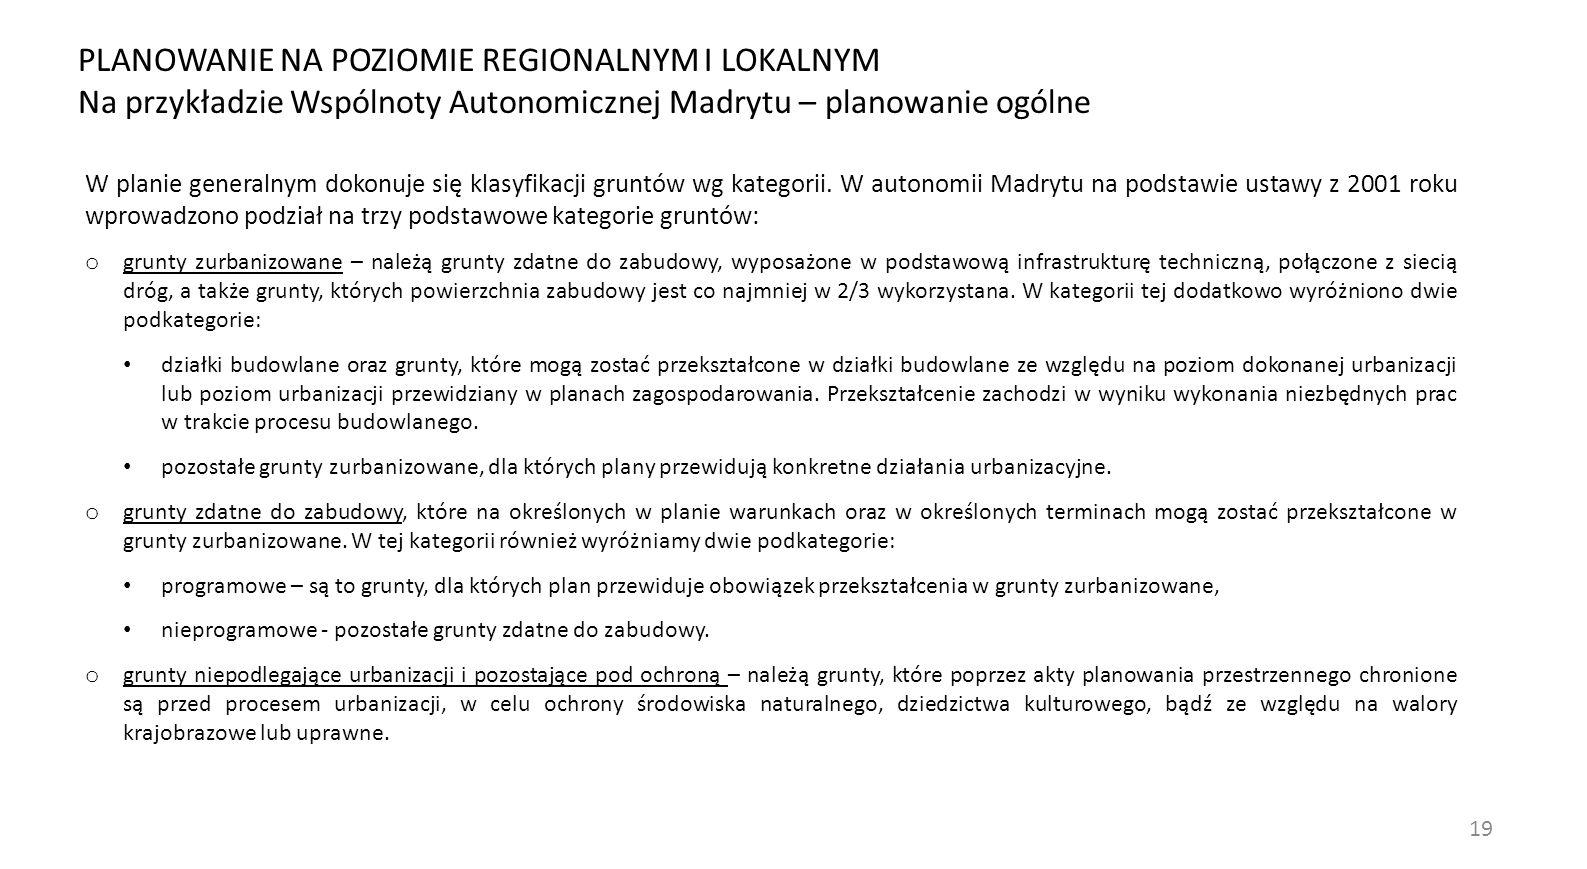 19 PLANOWANIE NA POZIOMIE REGIONALNYM I LOKALNYM Na przykładzie Wspólnoty Autonomicznej Madrytu – planowanie ogólne W planie generalnym dokonuje się k